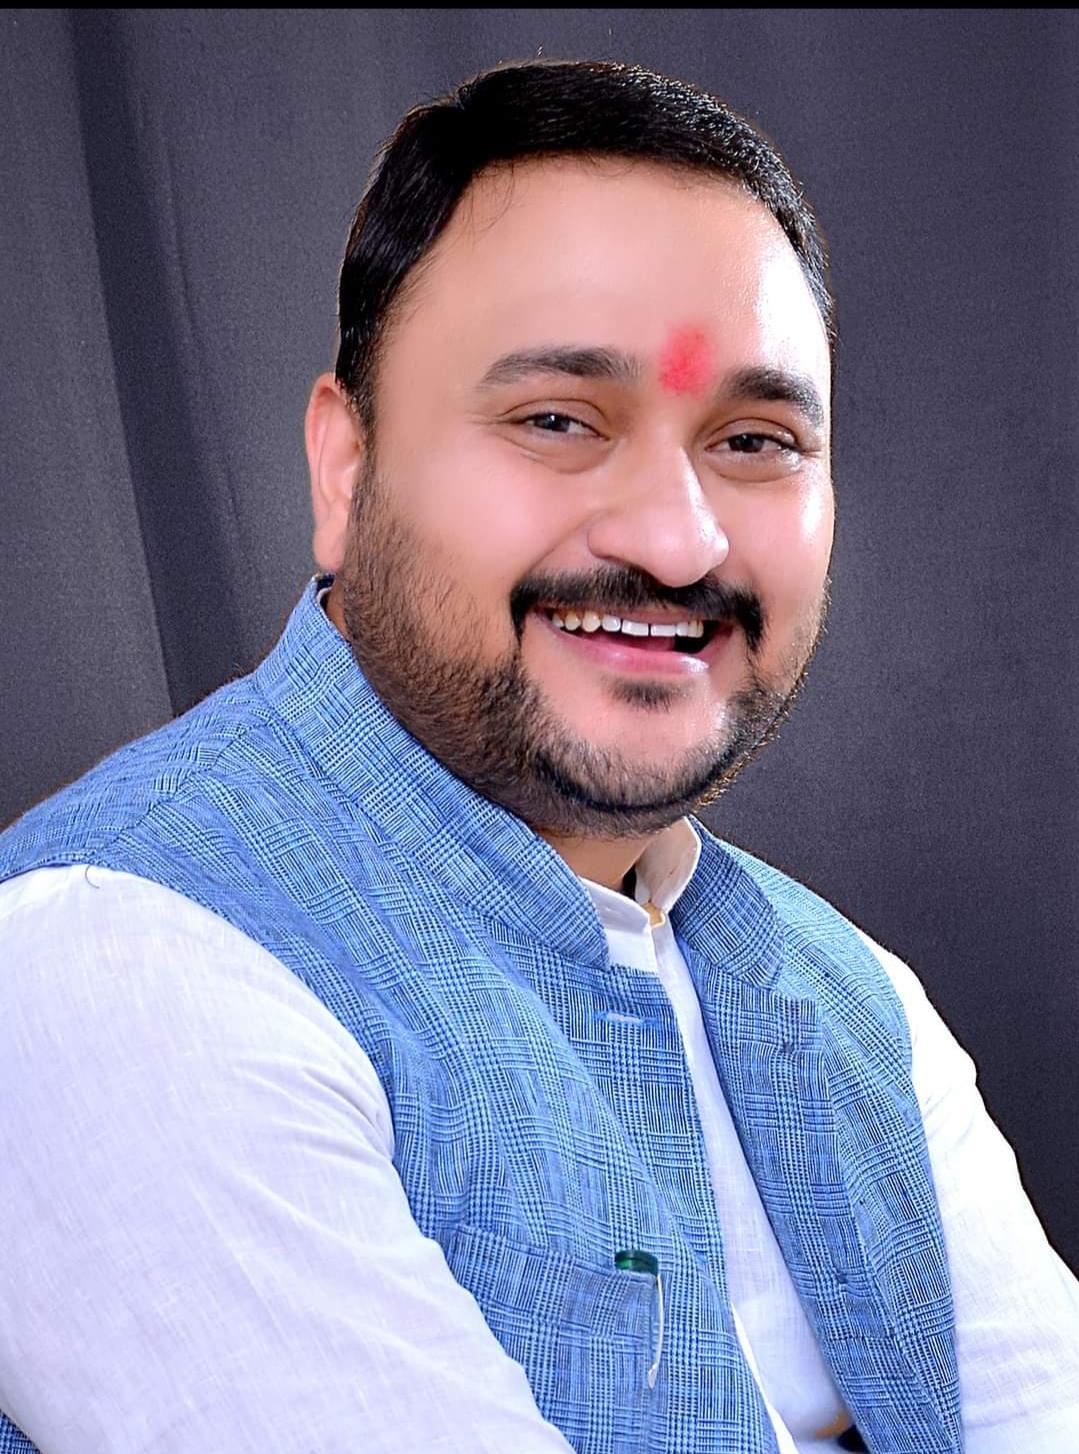 कानपुर में भाजपा नेता संदीप ने रसूख का इस्तेमाल करके खत्म कराई थी हिस्ट्रीशीट, सरकार ने दिए जांच के आदेश कानपुर,Kanpur - Dainik Bhaskar